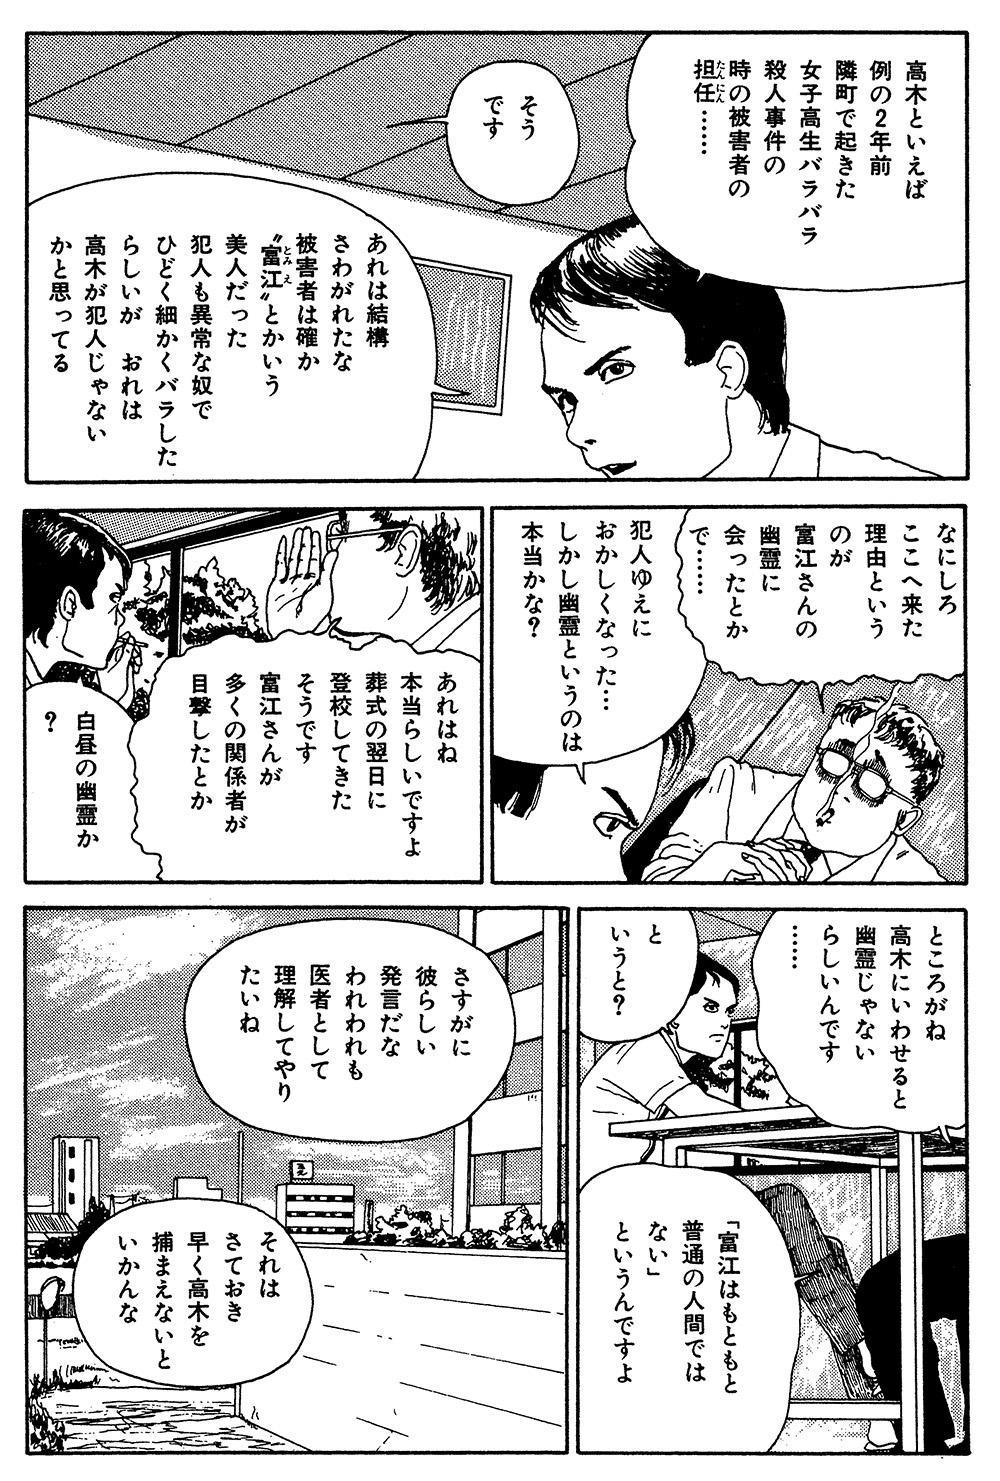 伊藤潤二傑作集 第2話「富江 森田病院編」①itouj_0001_0037.jpg